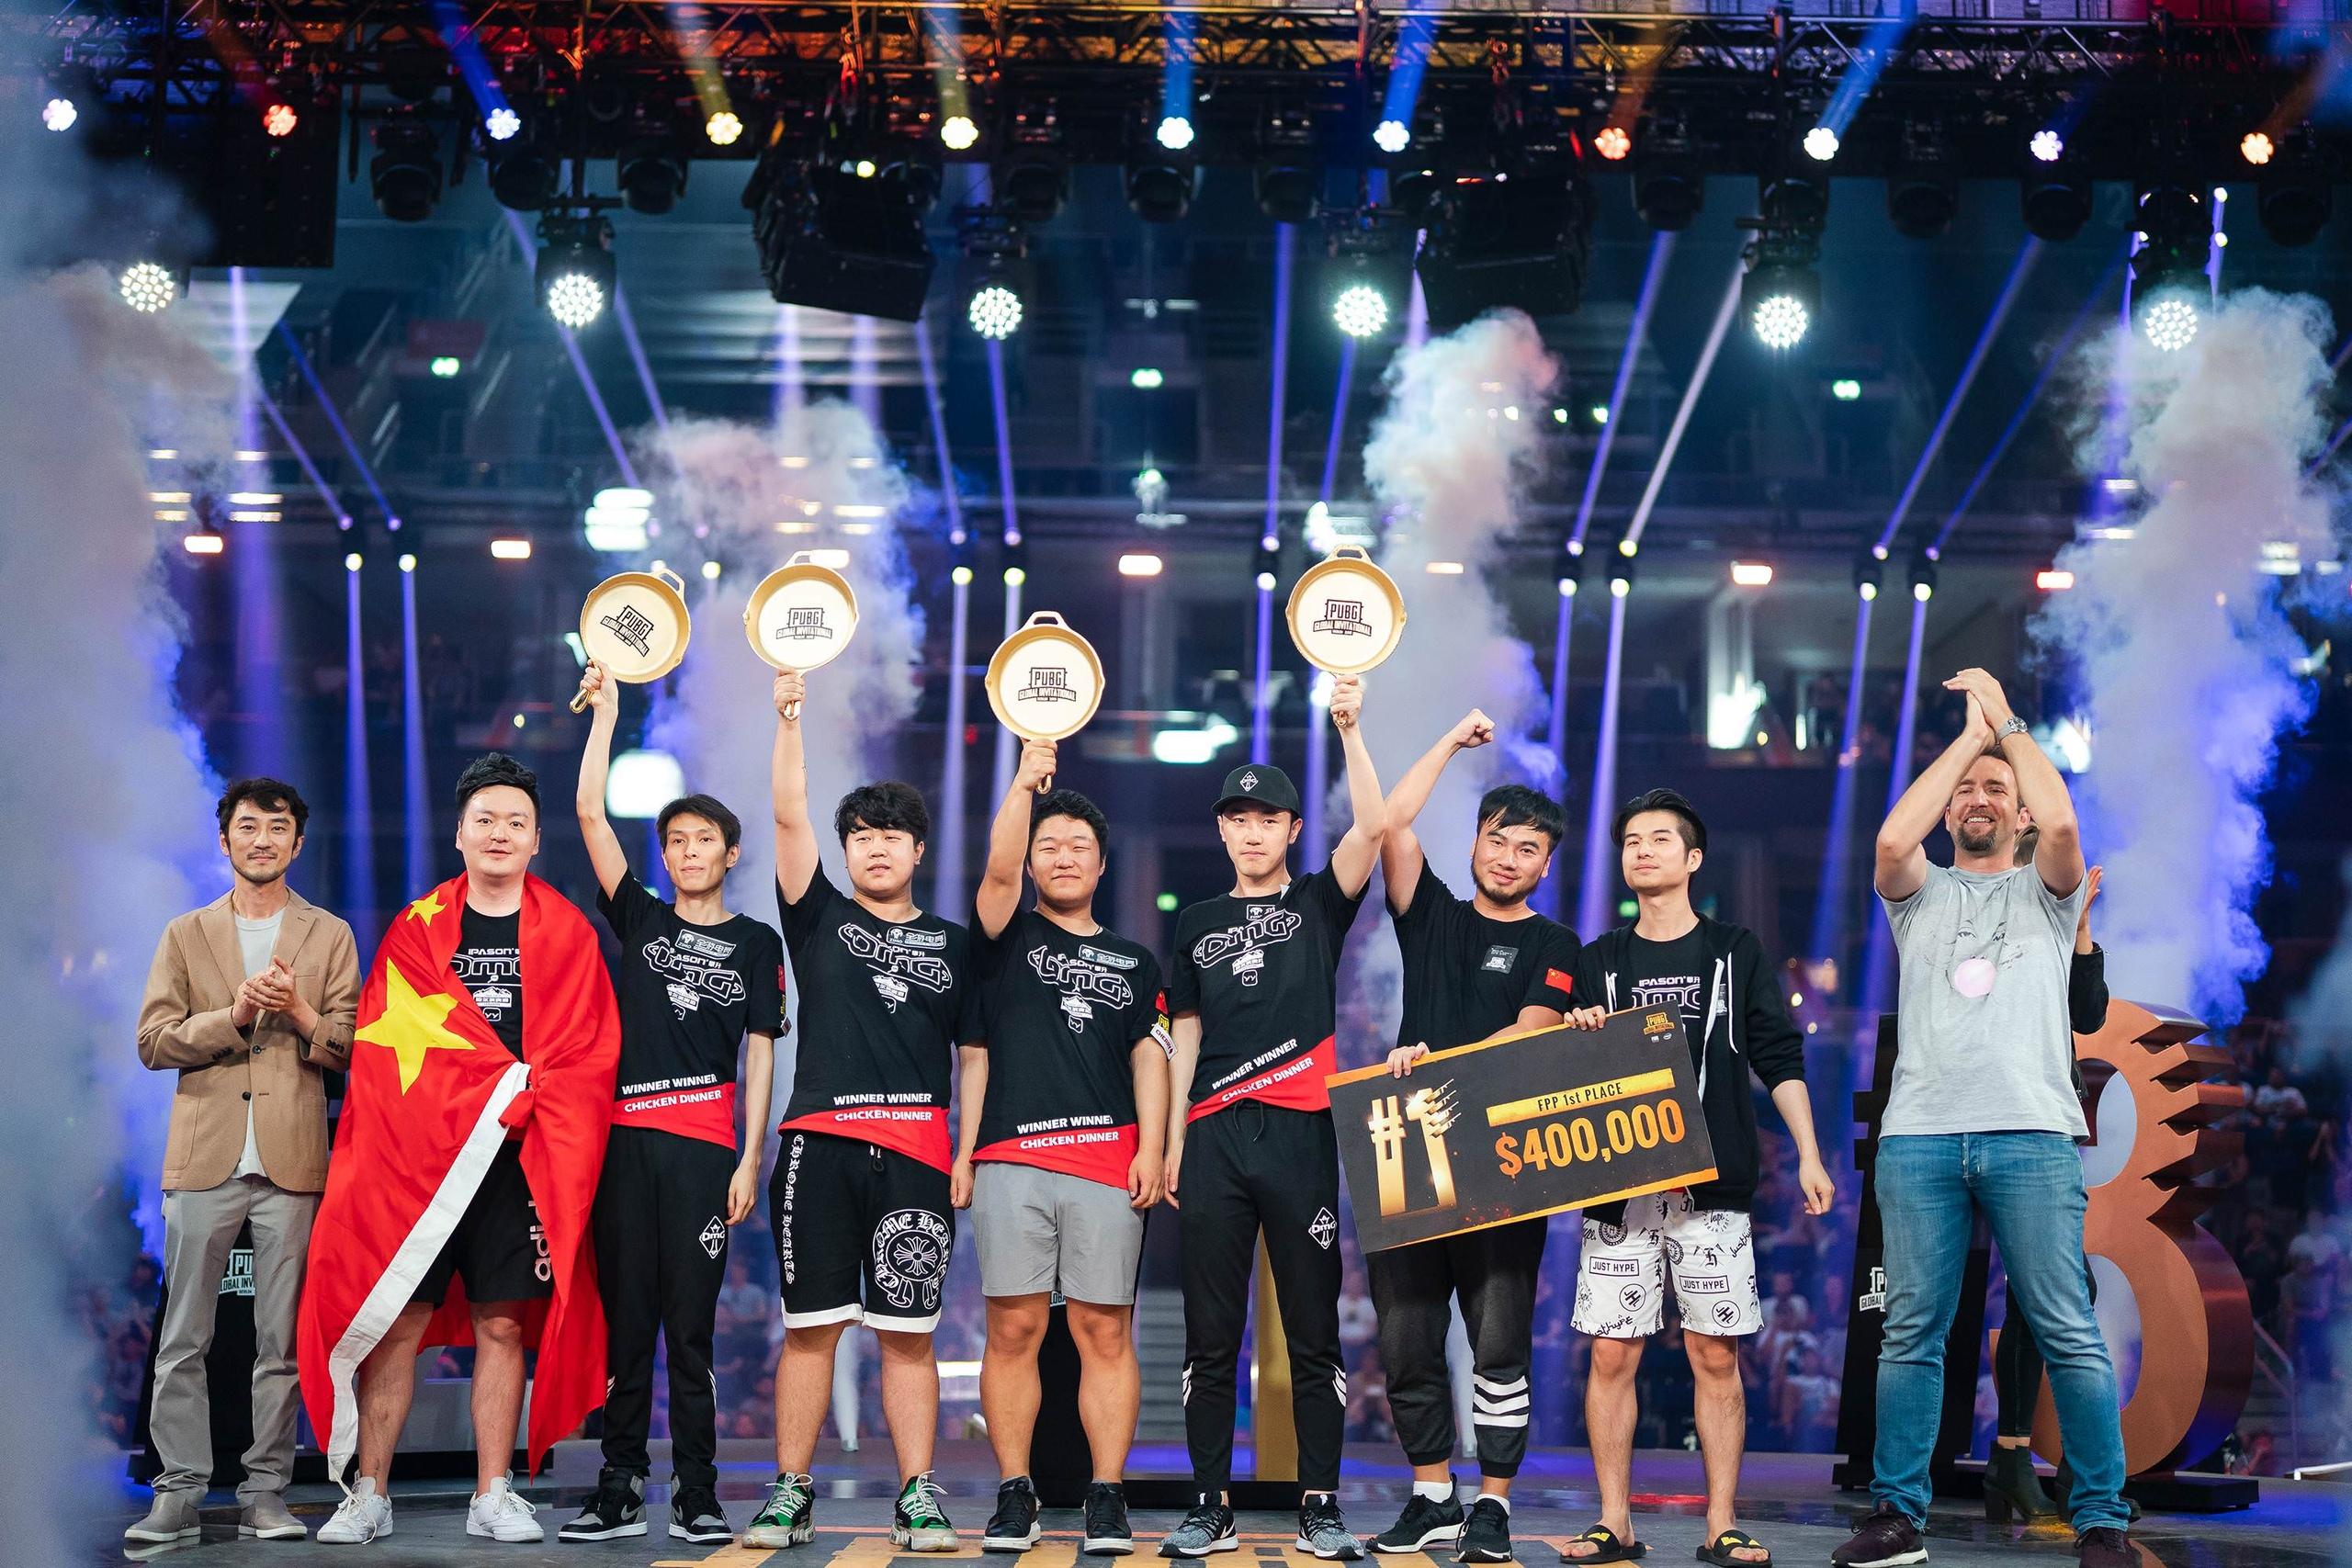 Встречайте чемпионов PGI 2018 FPP